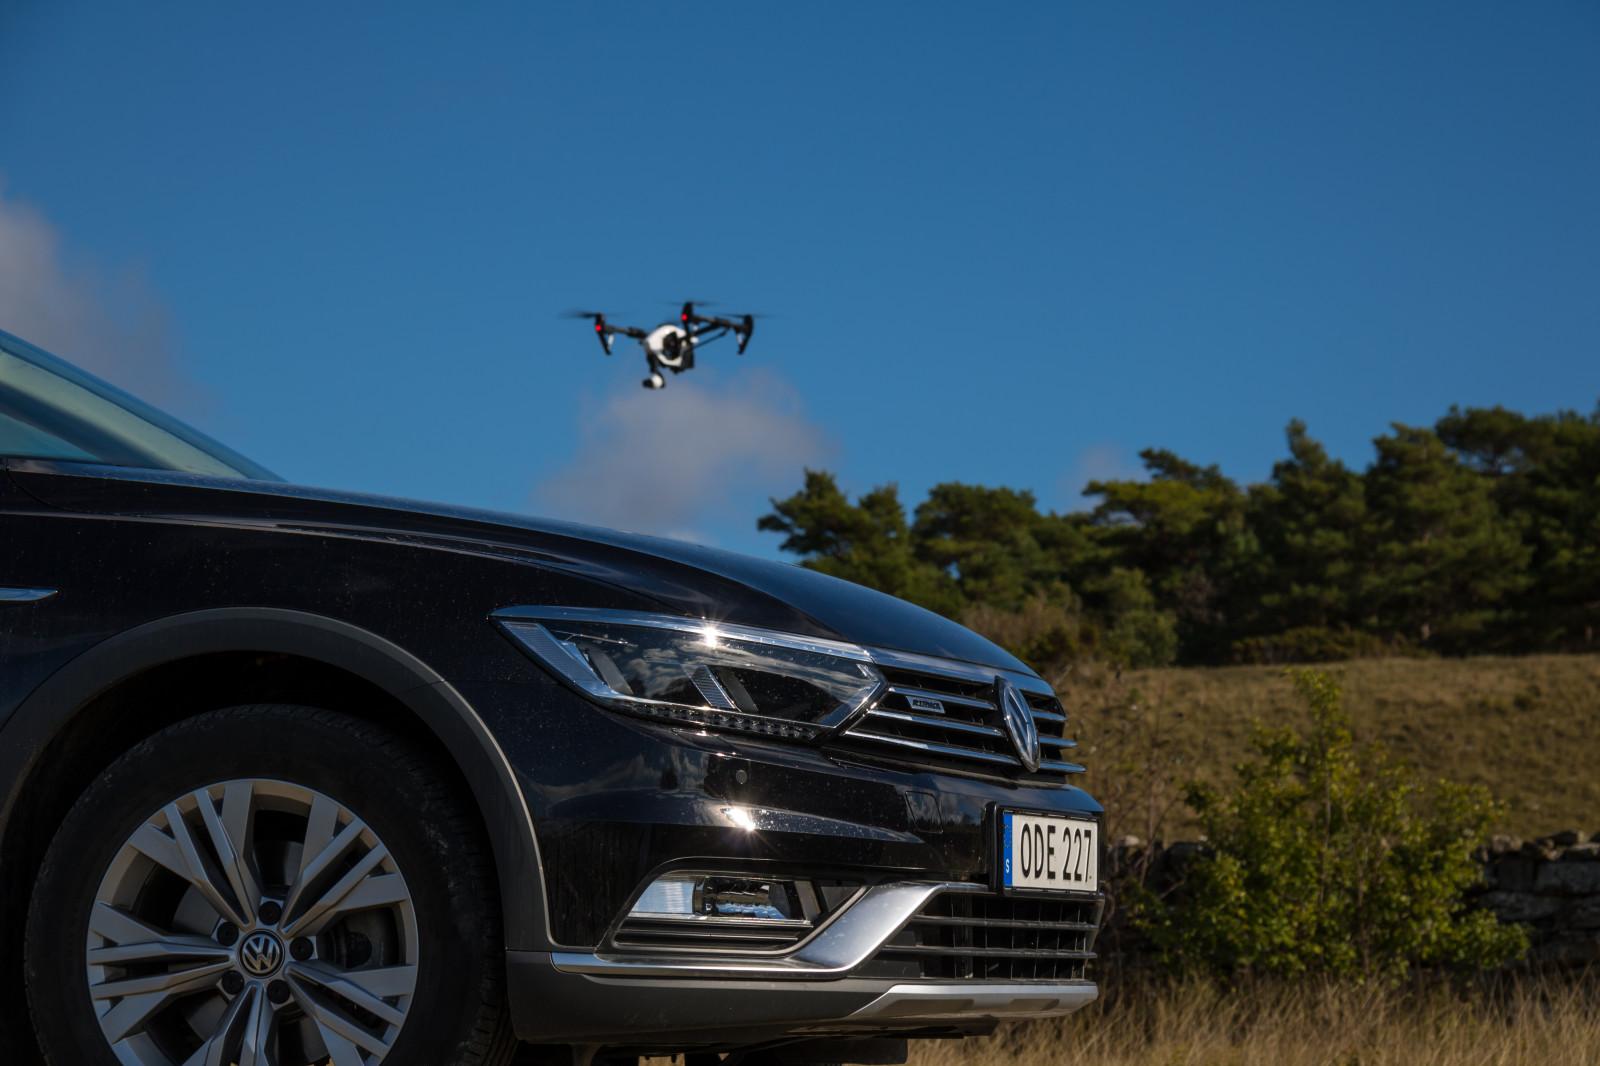 Acheter moteur brushless drone ar drone 2.0 camera